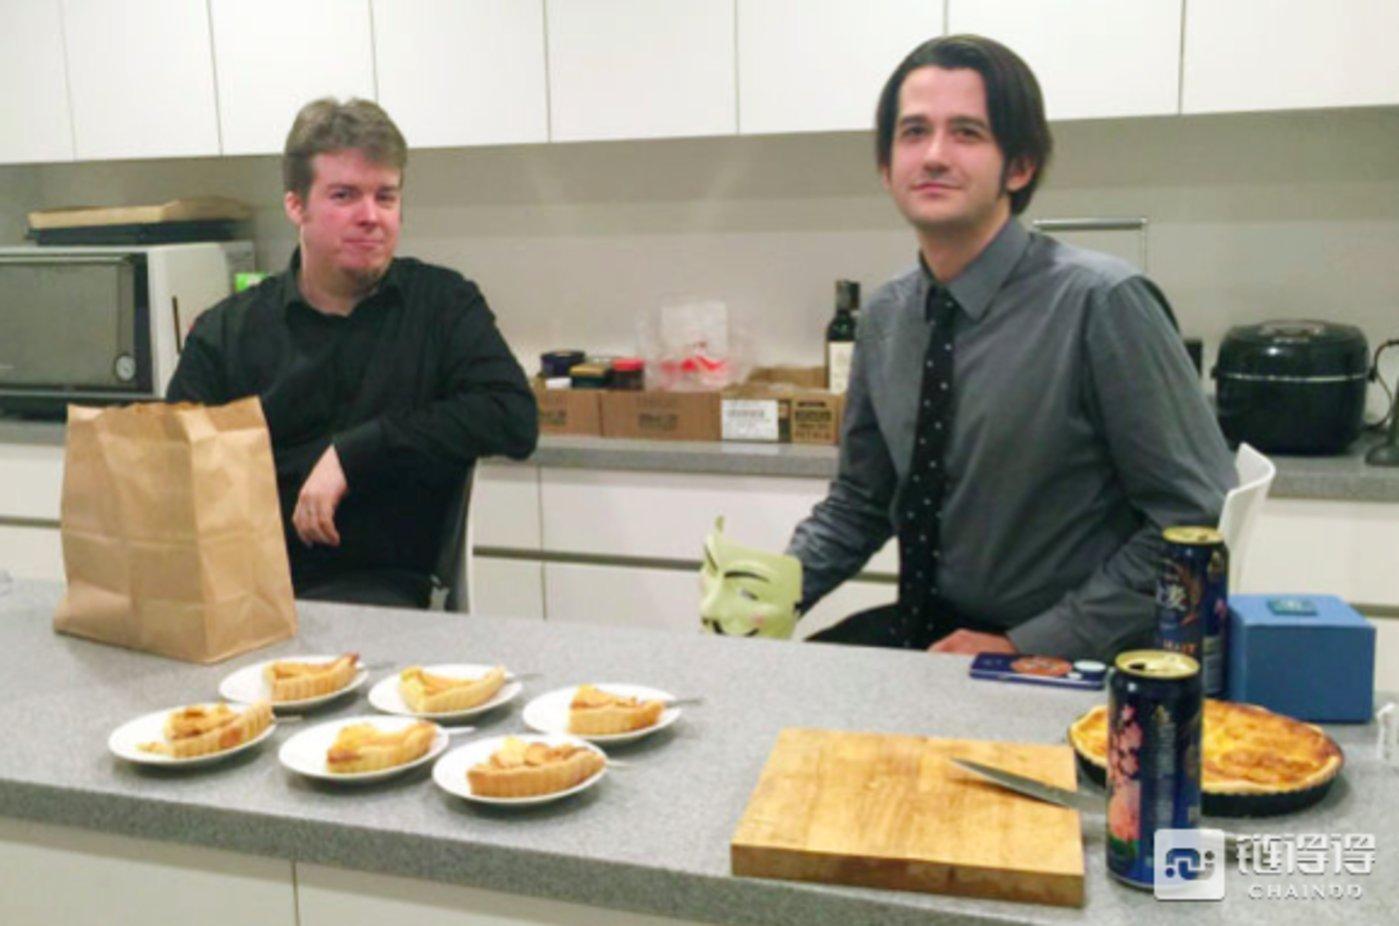 吉姆·尼尔森、杰森·毛瑞斯和律师丹尼尔·凯尔曼共同创立了一家网络调查公司,他们正在Mt.Gox所有者Mark Karpelès东京家里的厨房准备苹果派。摄影师: MARK KARPELES